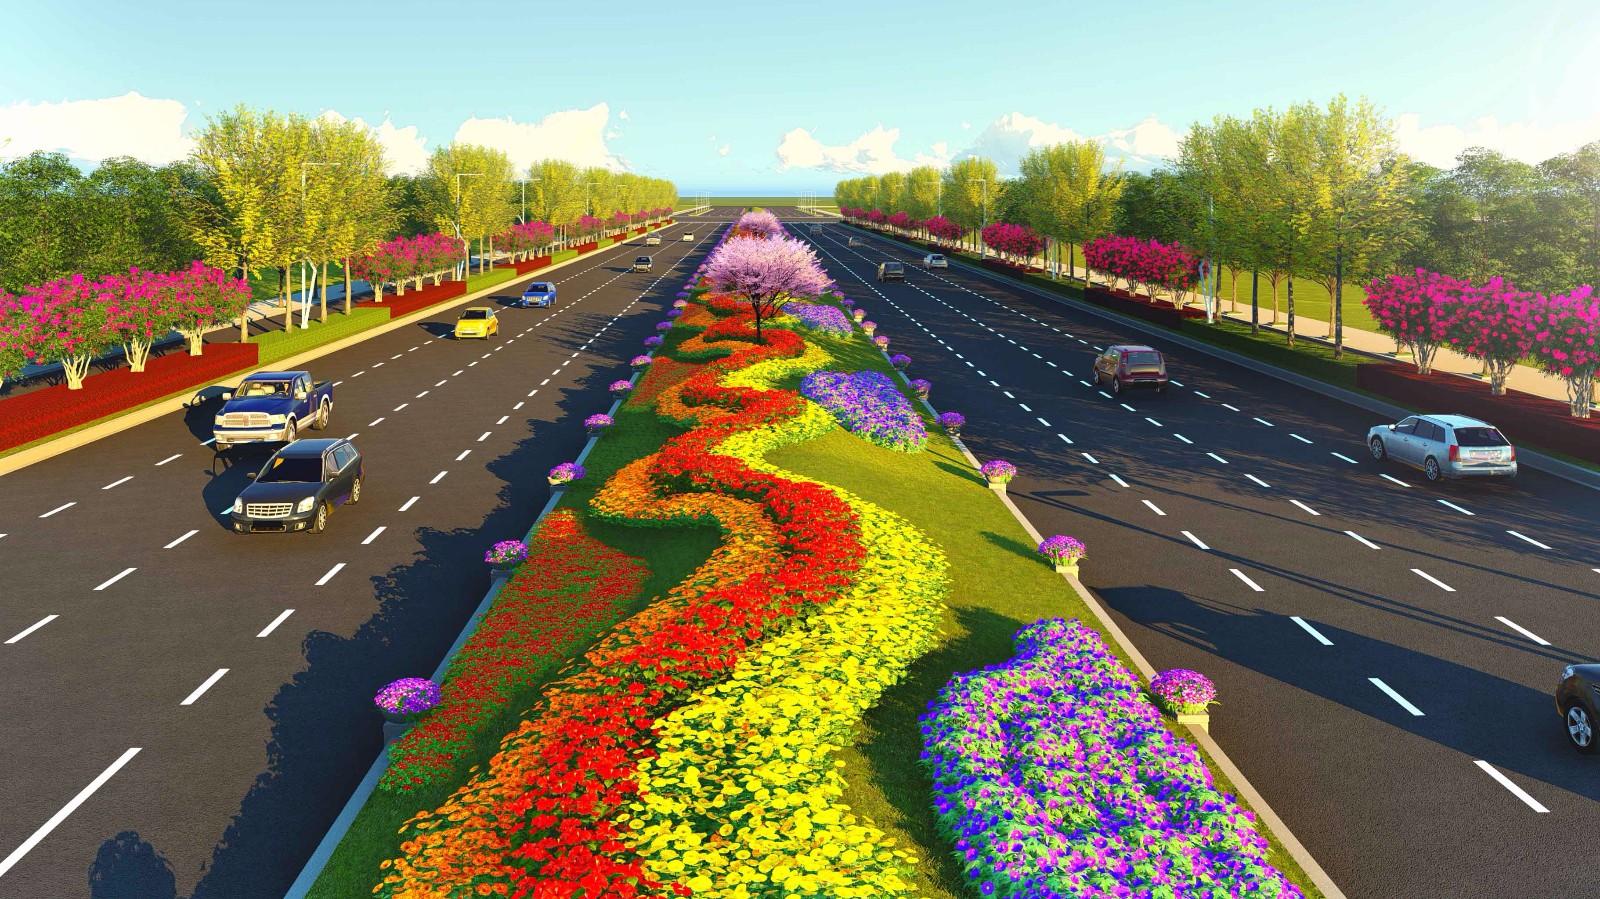 月季园月季大道等项目开工 南阳市主要领导出席开工仪式